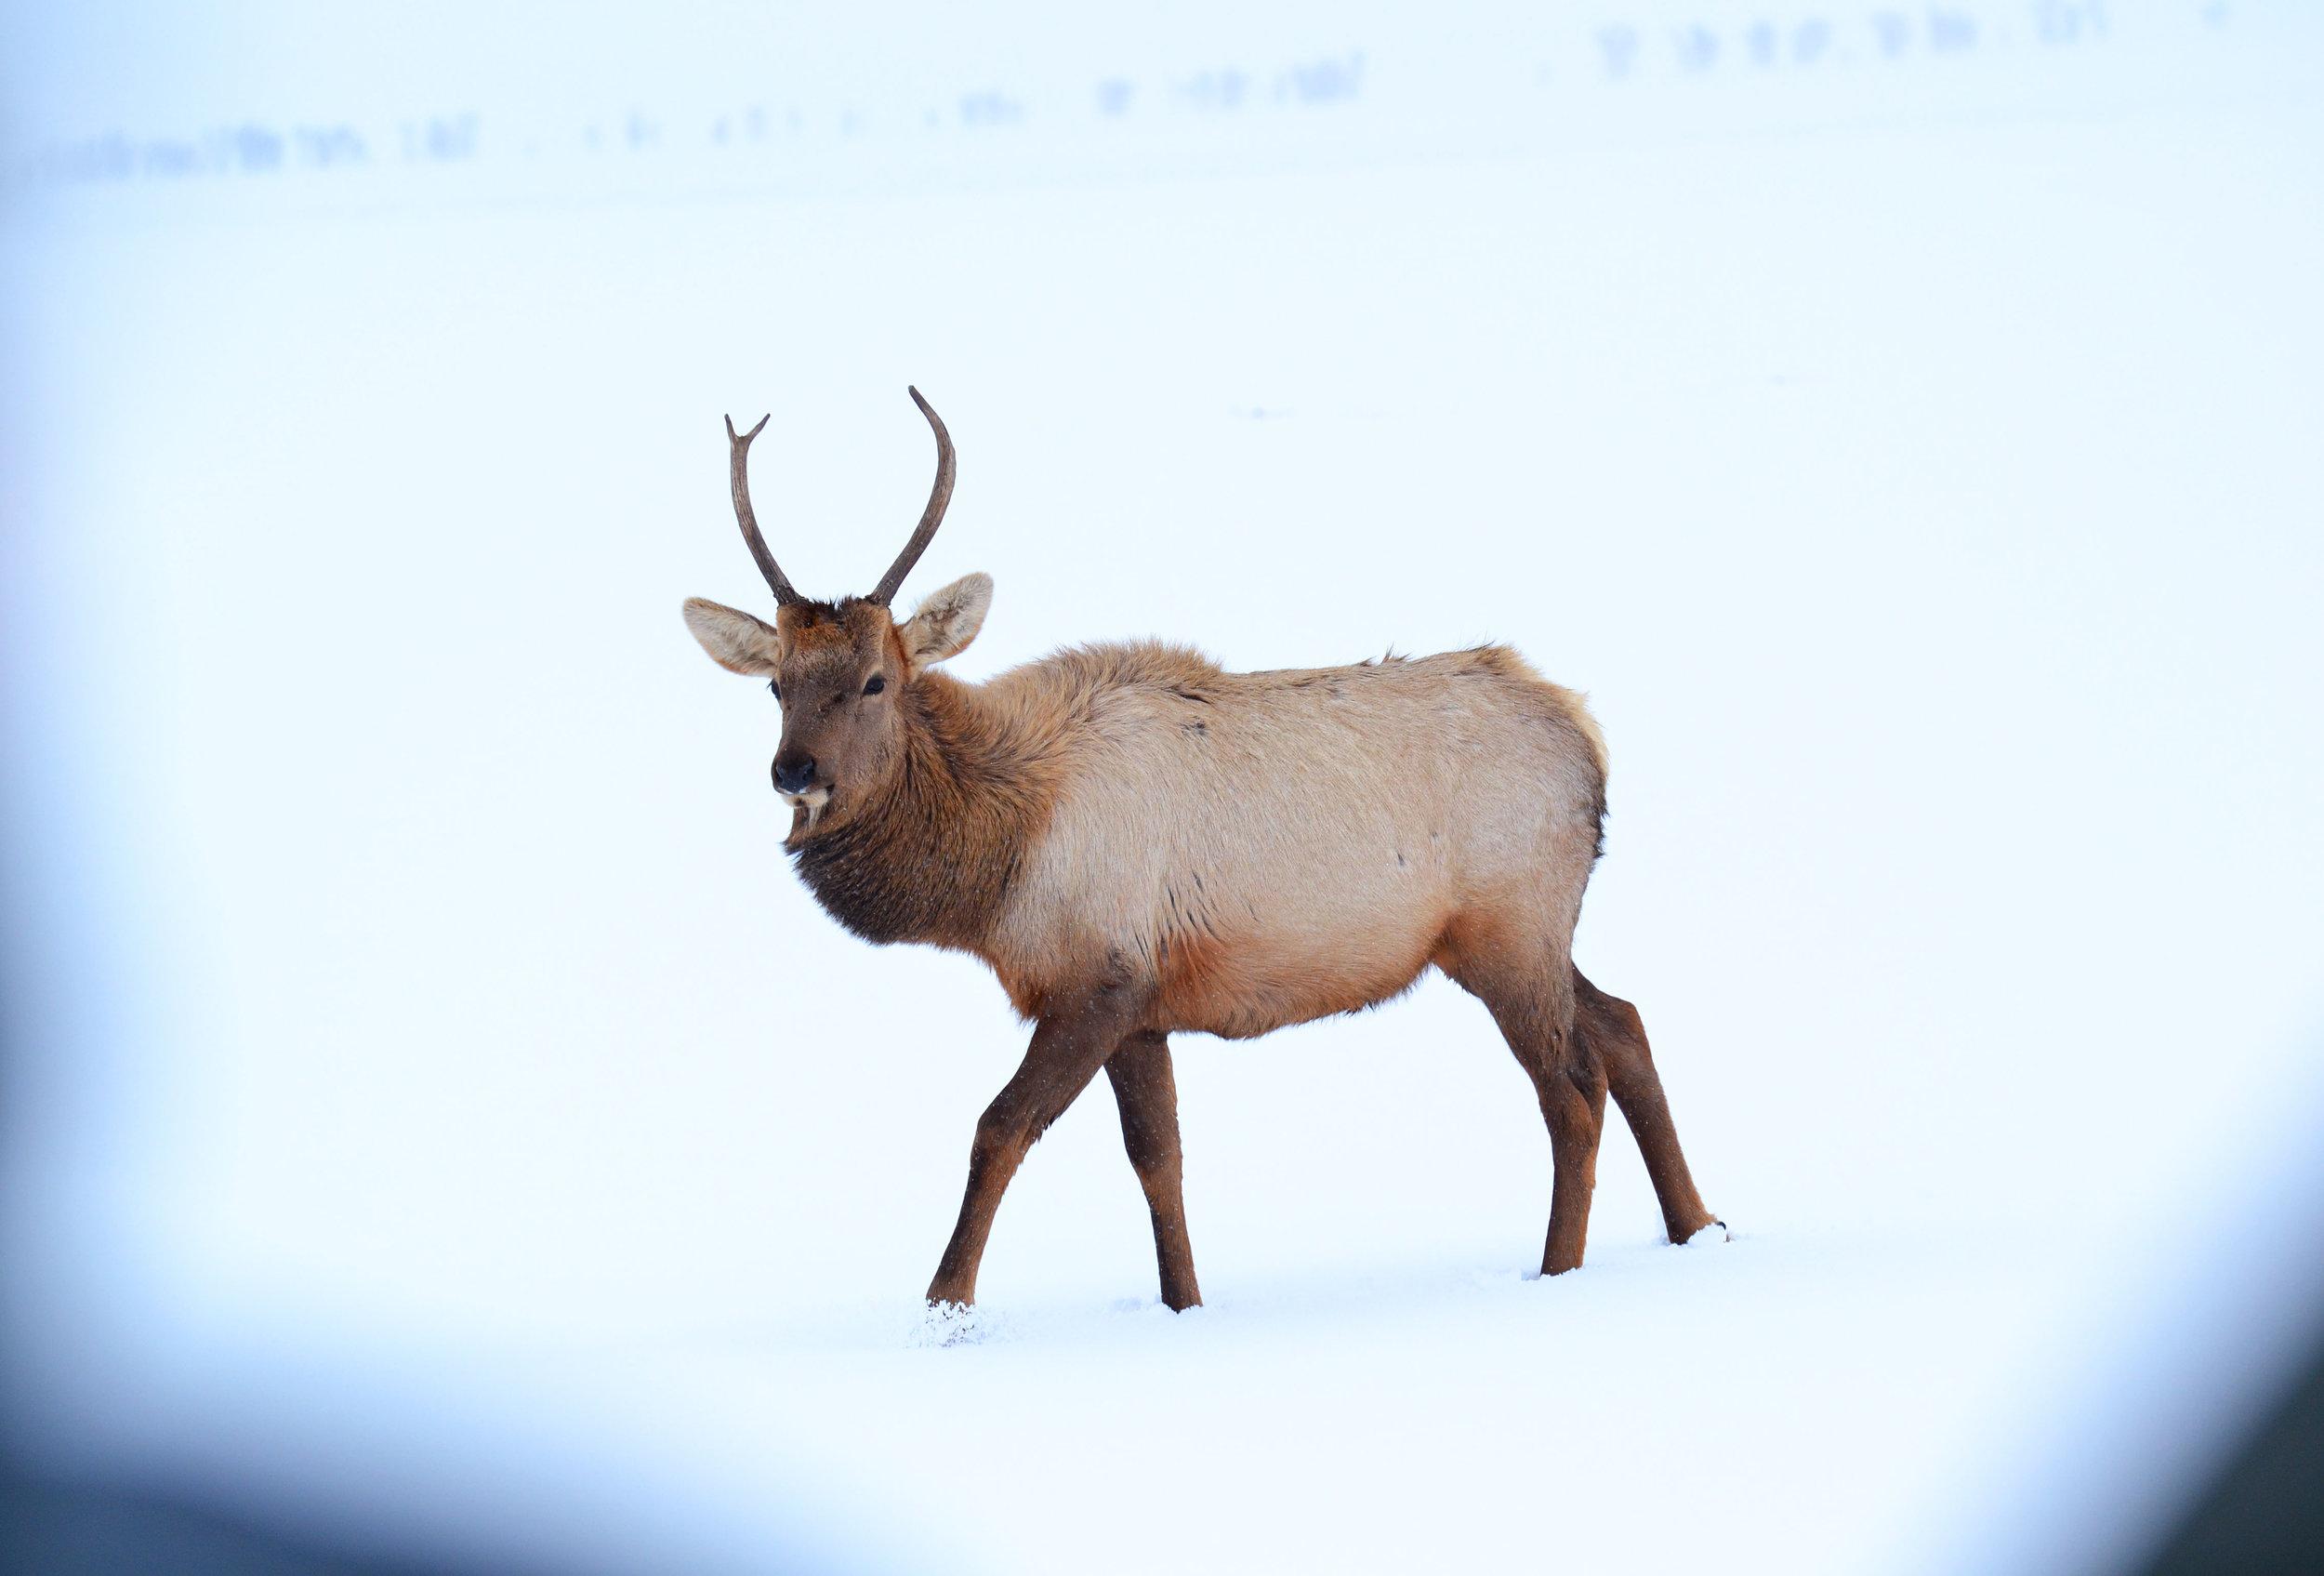 One of several hundred elk on the National Elk Refuge in Jackson, Wyoming.